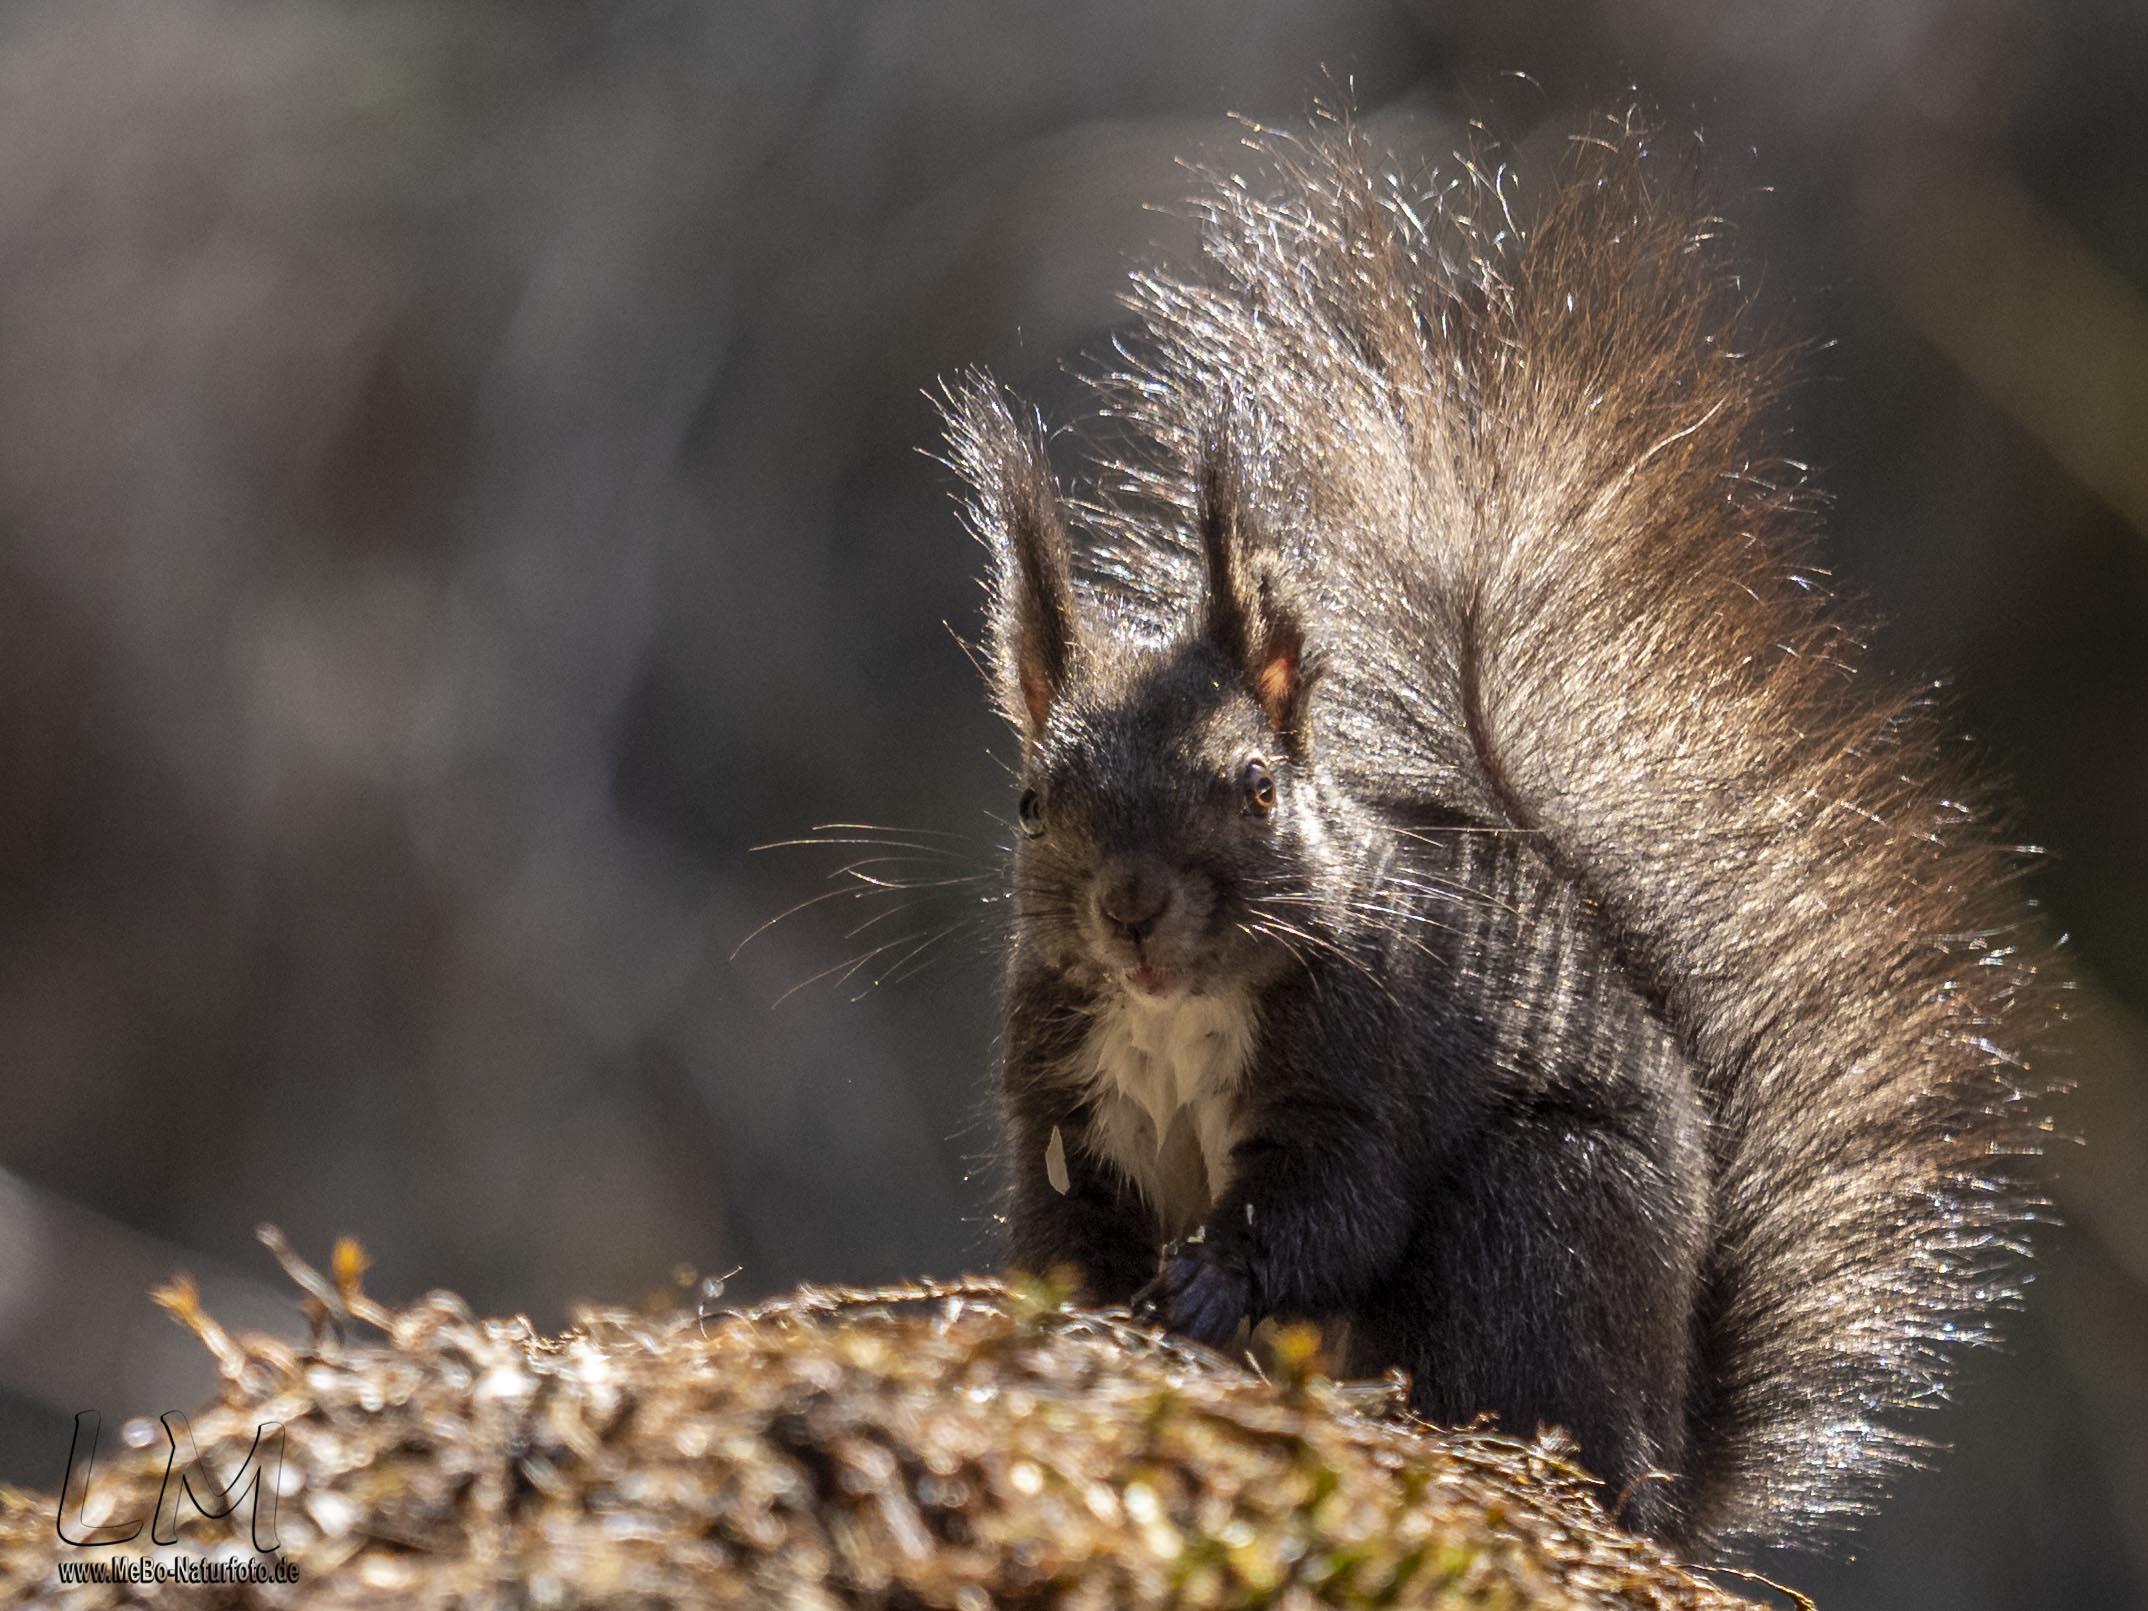 Braune Variante des Eurasischen Eichhörnchens